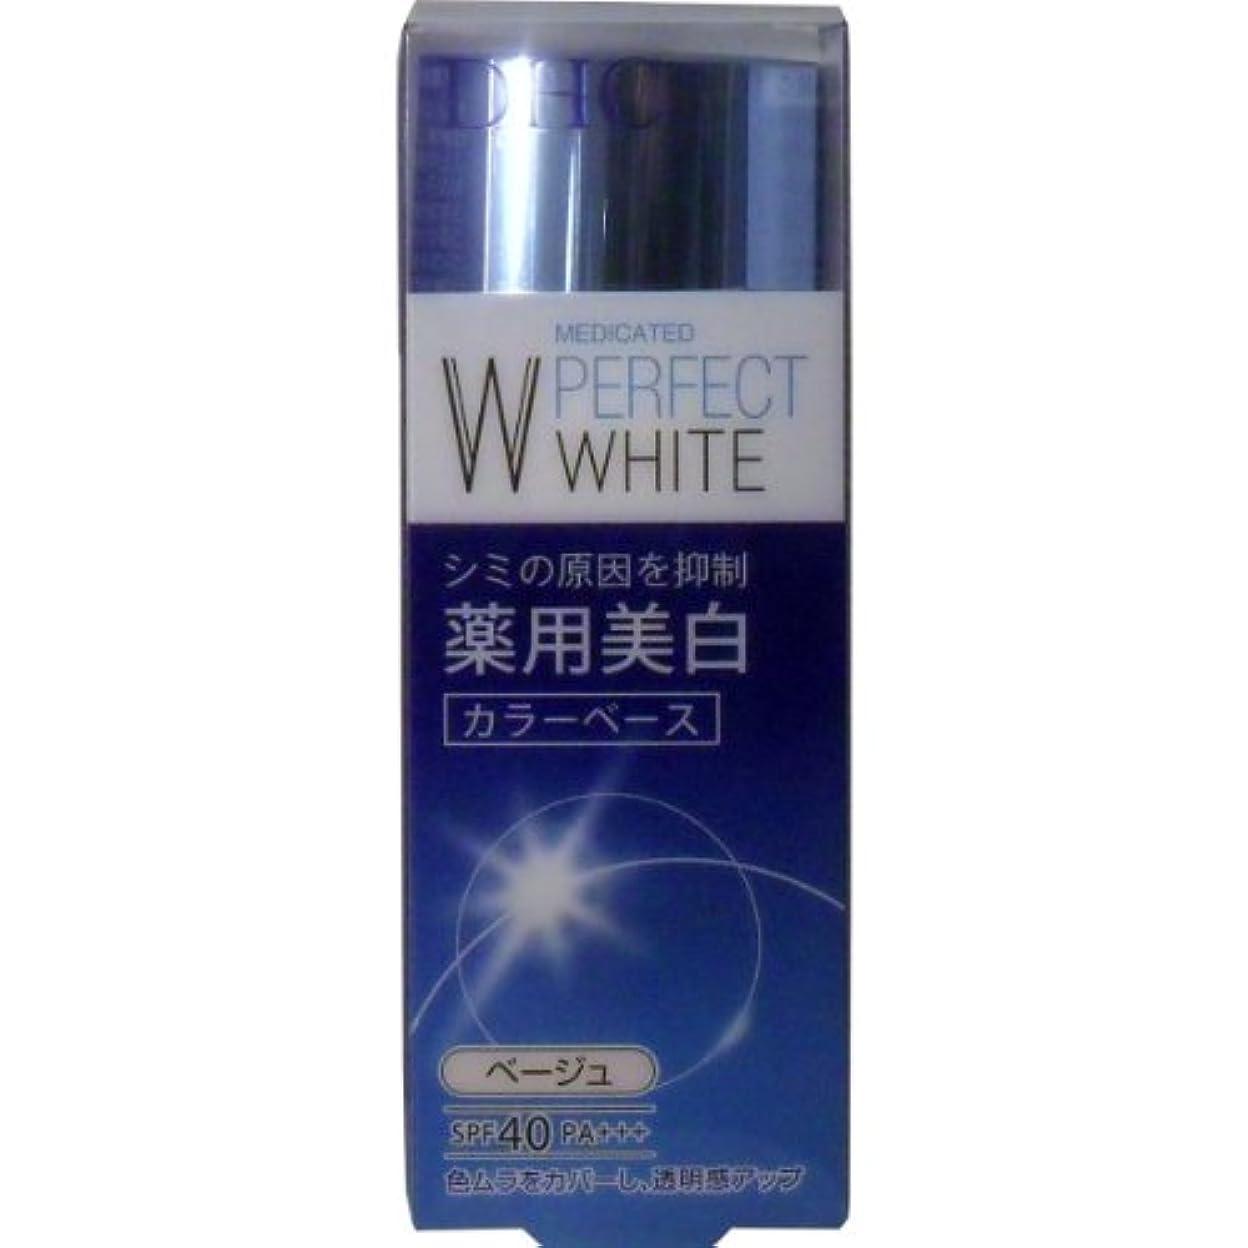 ジョージバーナードに対応馬鹿げたDHC 薬用美白パーフェクトホワイト カラーベース ベージュ 30g (商品内訳:単品1個)